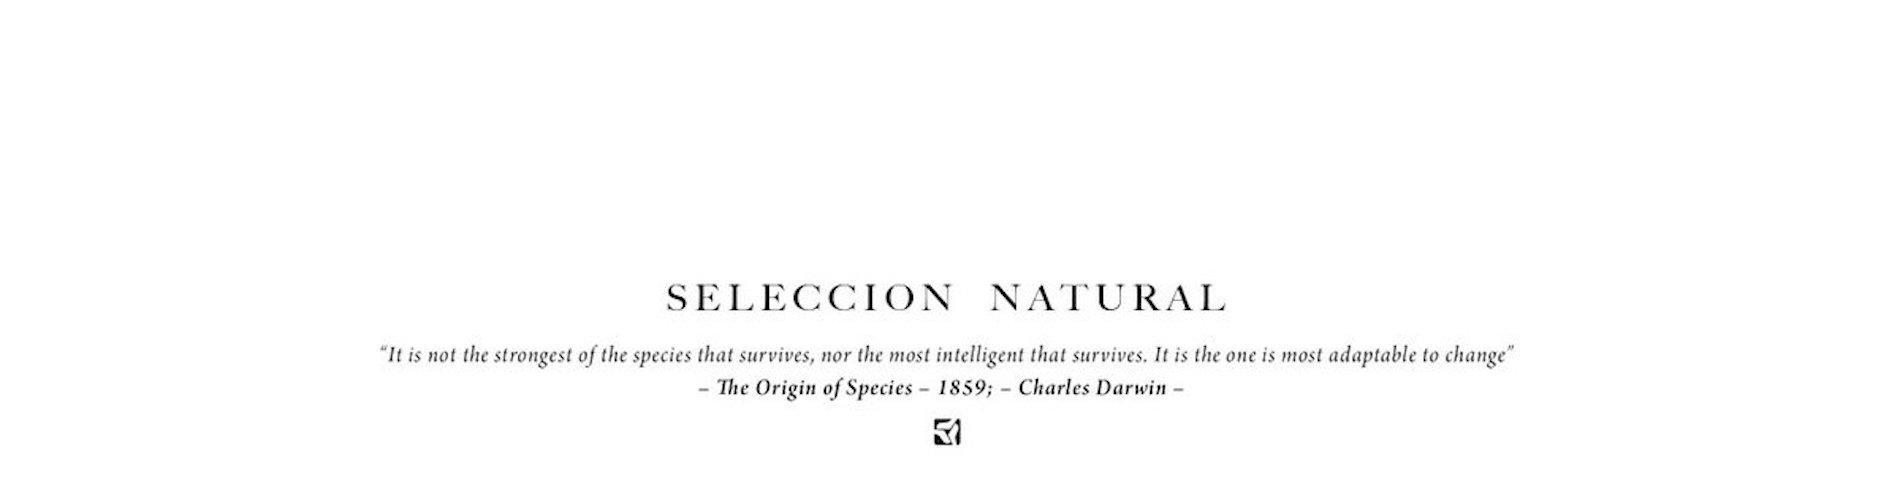 Selección-Natural-Polegroup-50